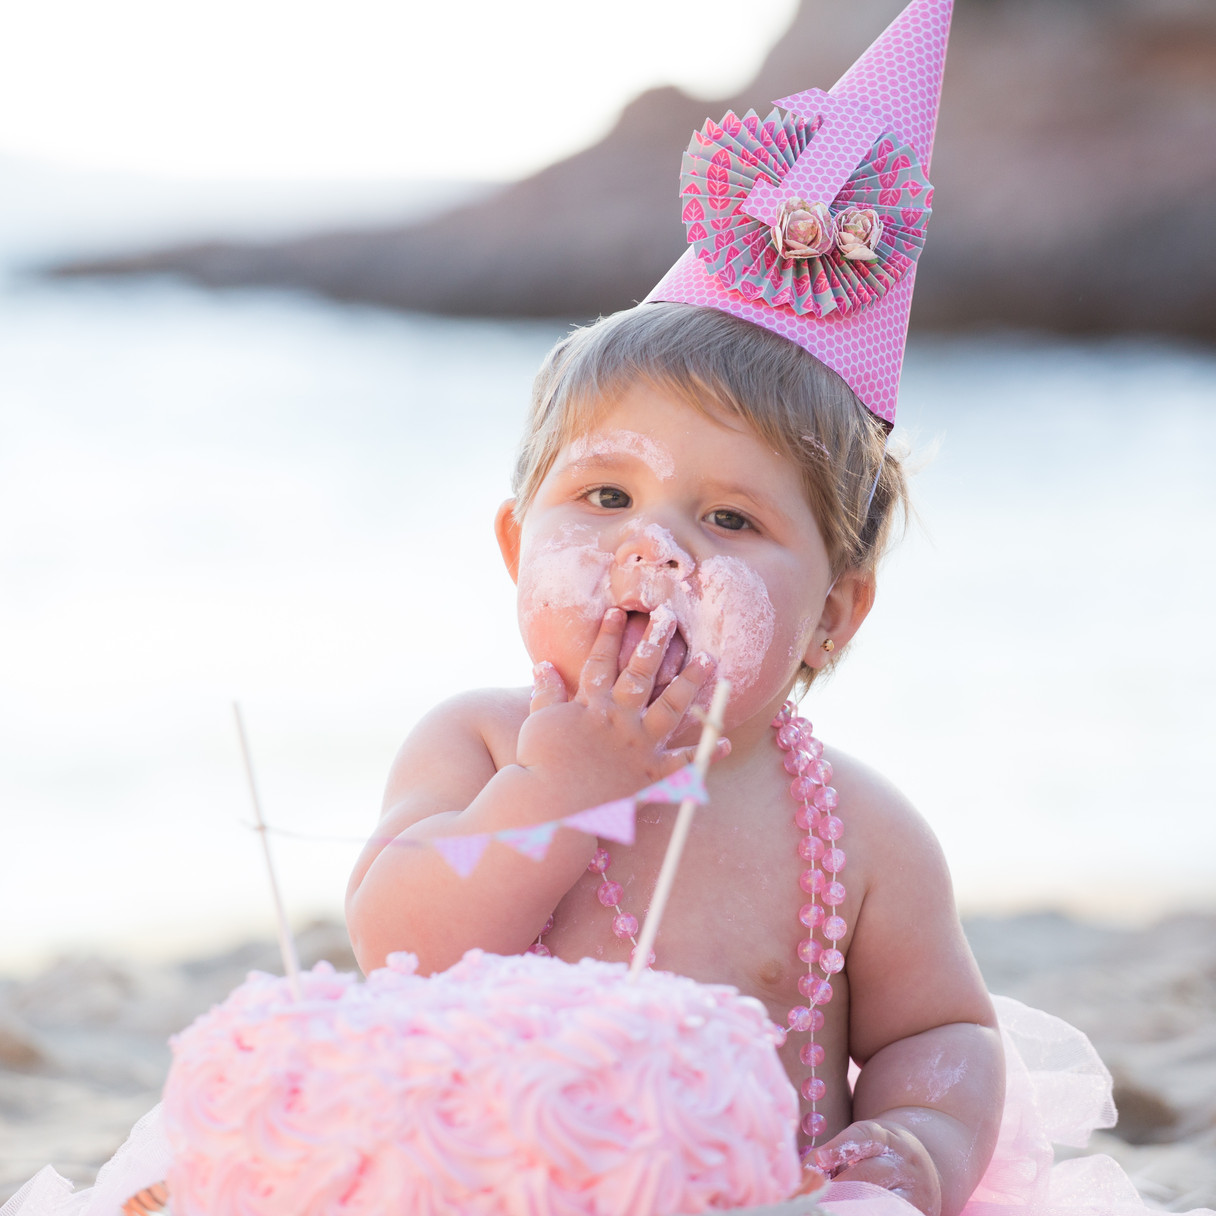 cake smash, smash the cake, fotografia de bebes, fotografia de niños, fotografia de bebes en ibiza, fotografia famiiar en ibiza family, fotografia smash the cake, fotografia de niños en ibiza